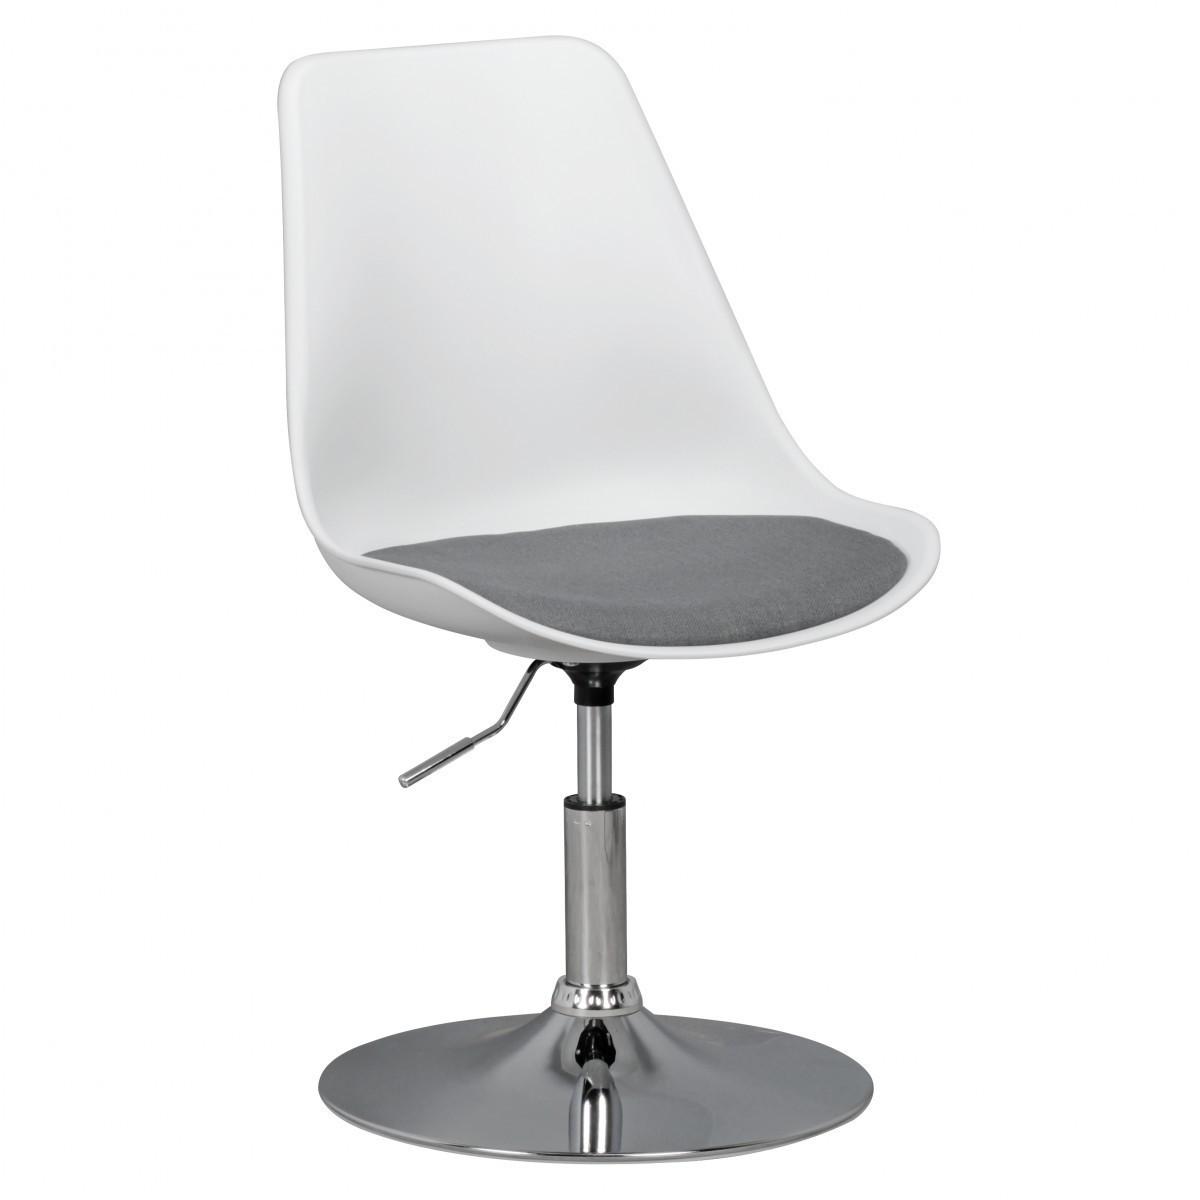 Bild 1 von AMSTYLE KORSIKA | Drehsessel Esszimmerstuhl Weiß/Grau | Drehstuhl höhenverstellbar | Drehhocker Wart